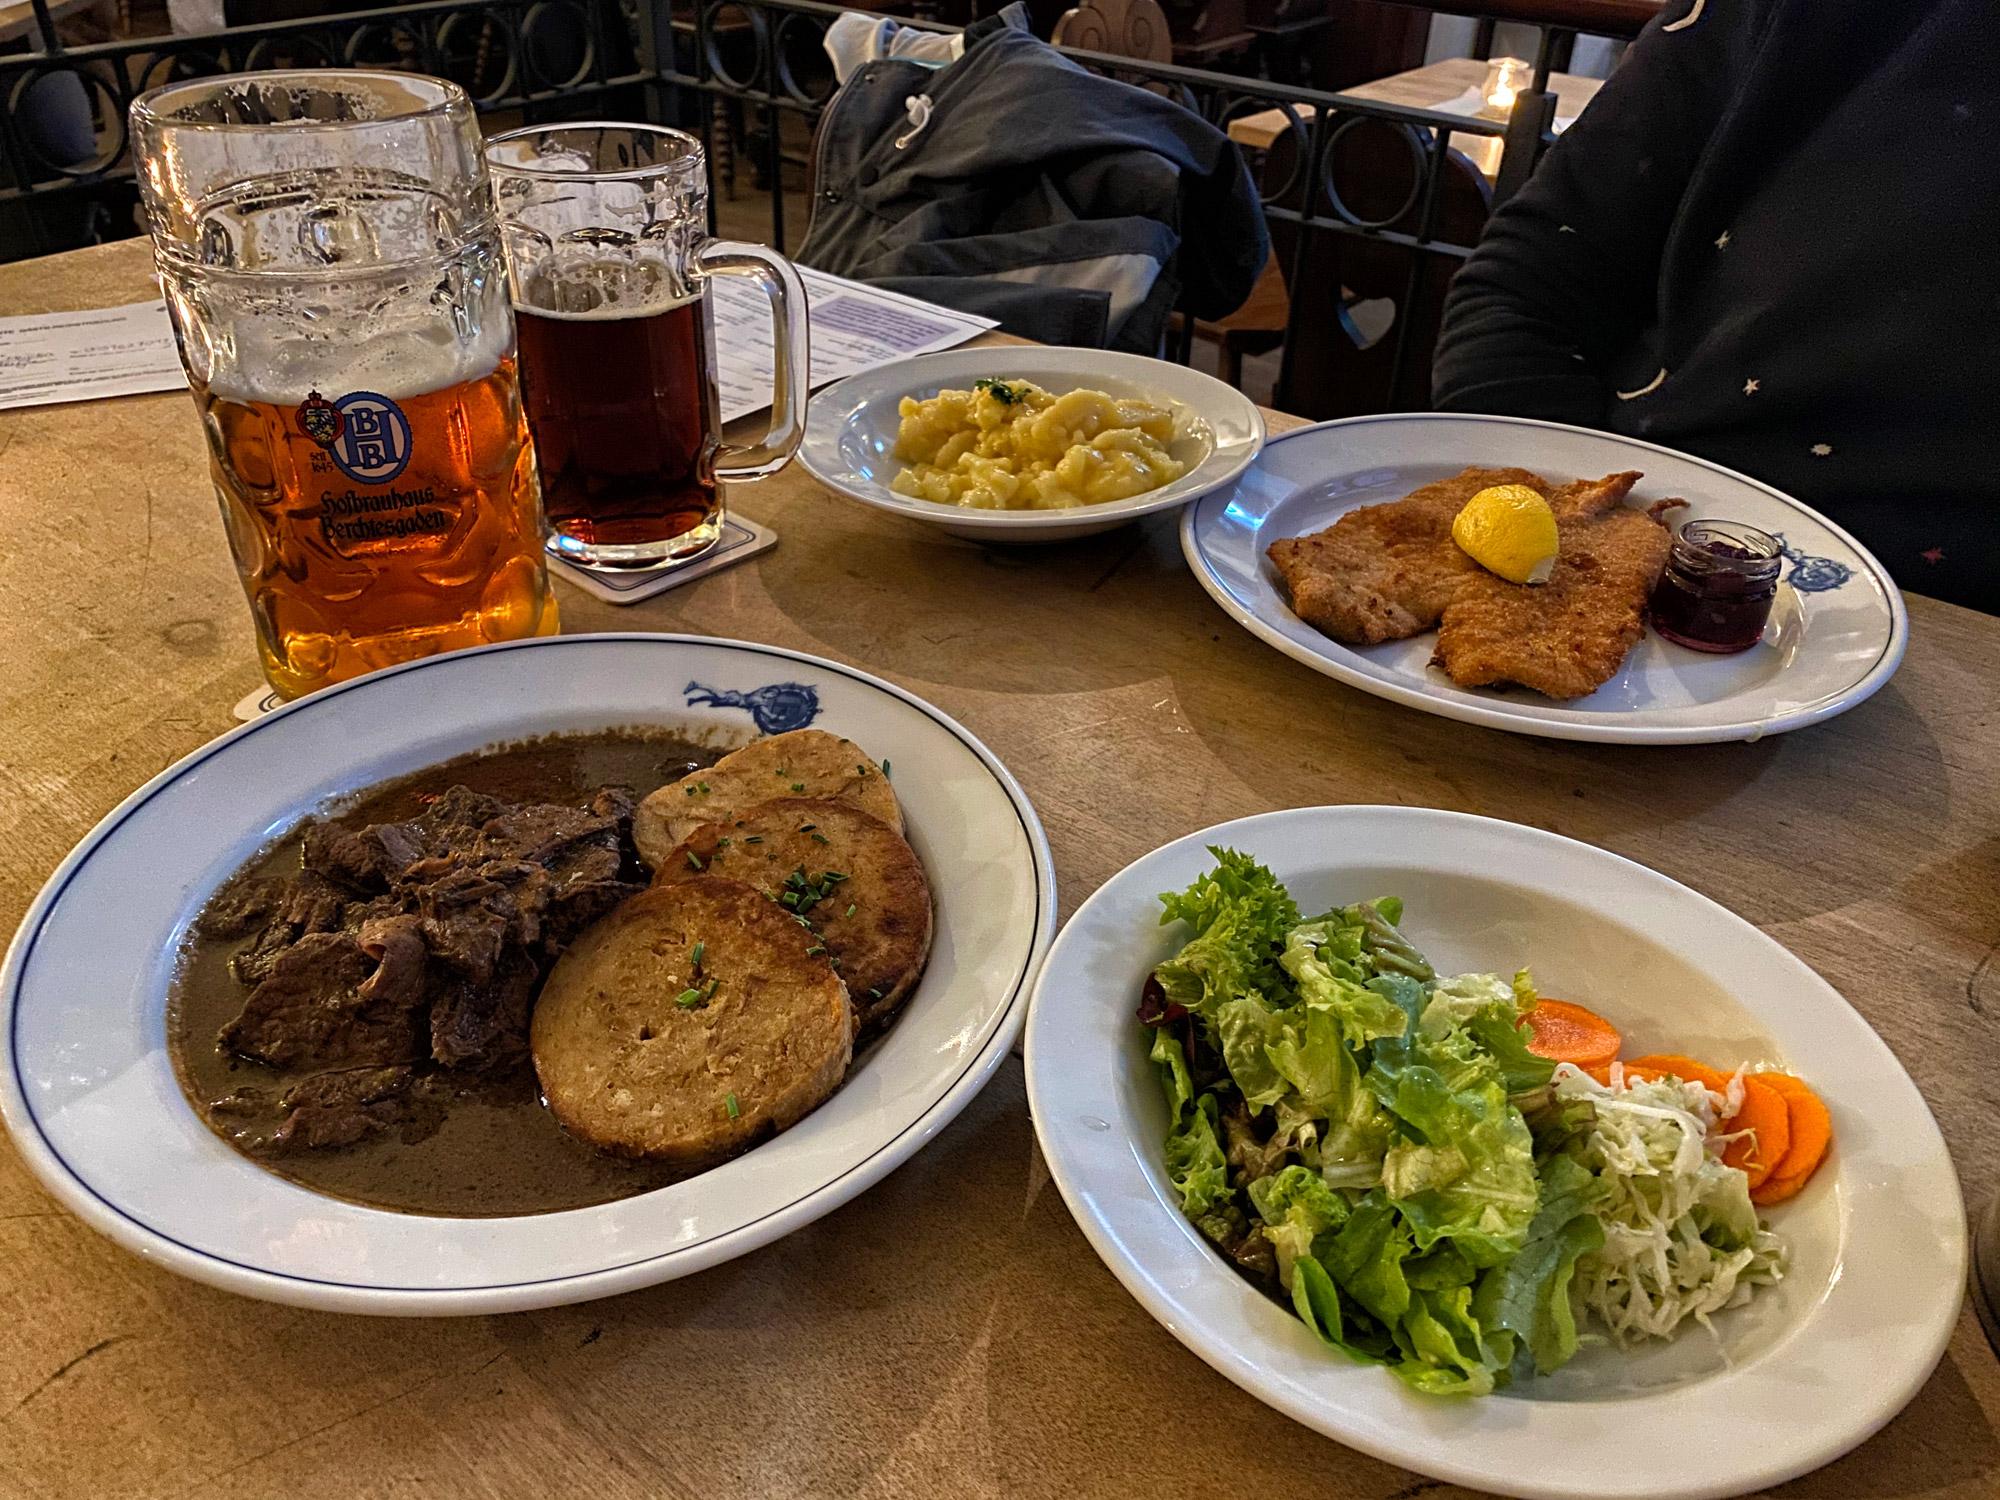 Berchtesgadener Land - Eten in Berchtesgaden